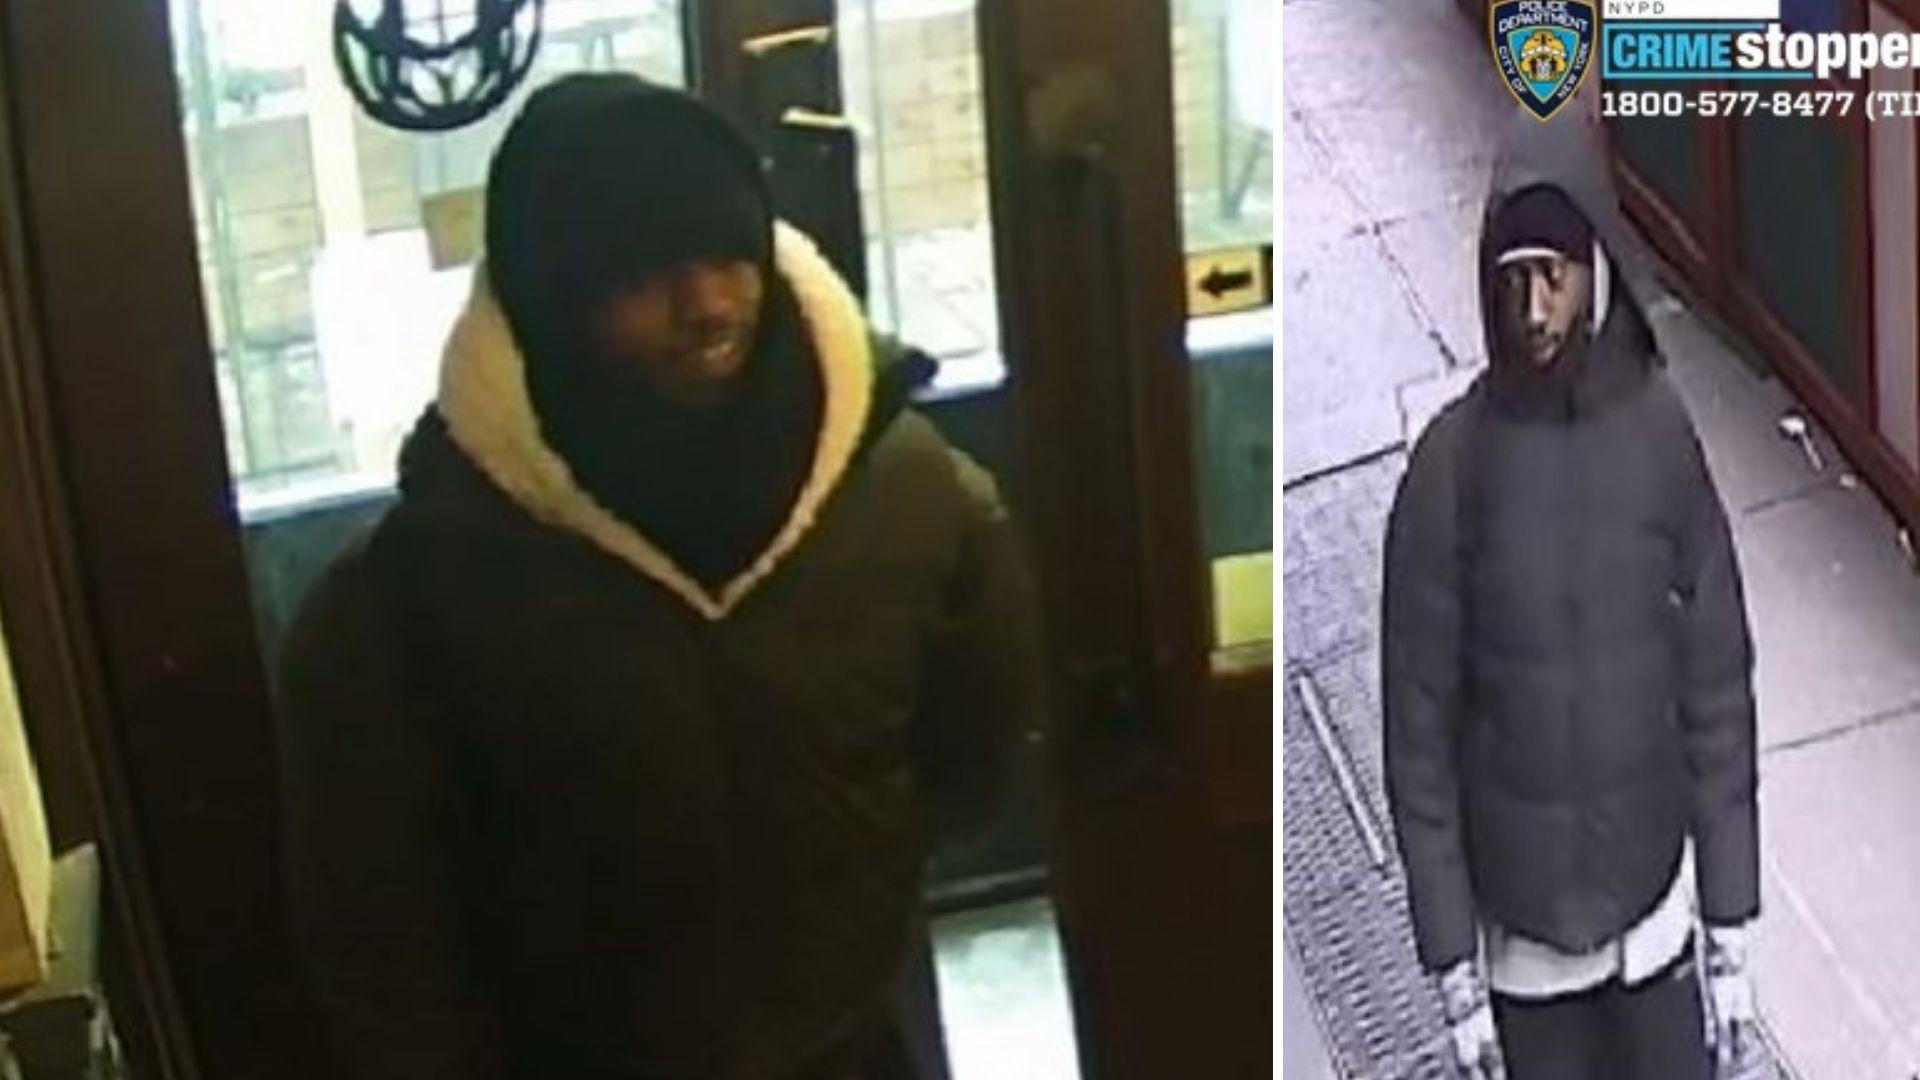 Suspect in Manhattan assault, burglary pattern